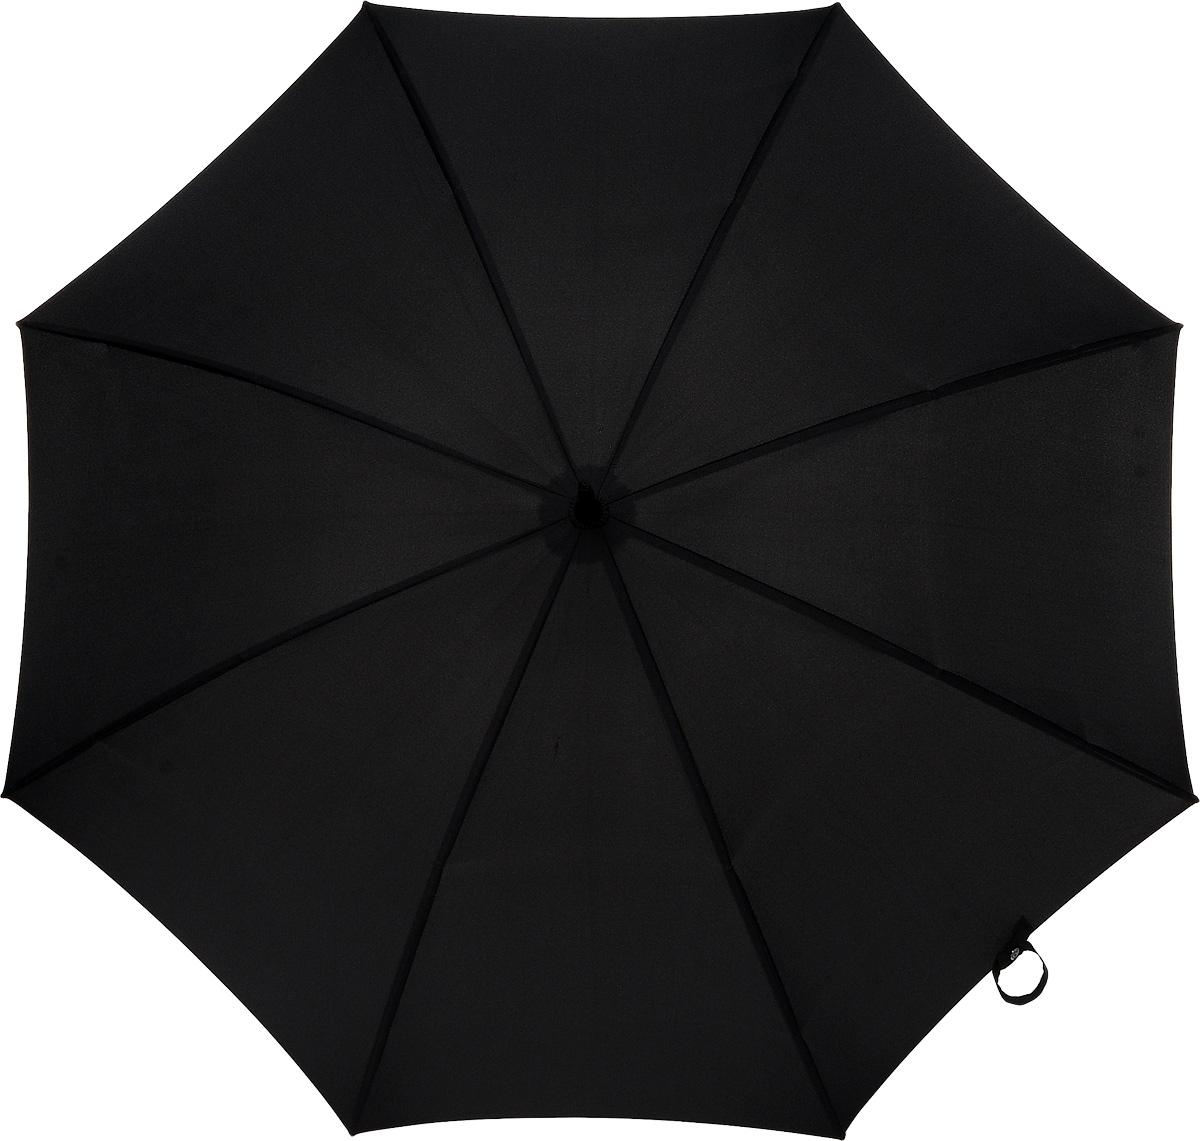 Зонт-трость мужской Huntsman, механический, цвет: черныйG813 3F001Стильный механический зонт-трость Huntsman даже в ненастную погоду позволит вам оставаться элегантным. Усиленный каркас зонта выполнен из 8 двойных спиц из фибергласса, стержень изготовлен из стали. Купол зонта выполнен из прочного полиэстера черного цвета. Рукоятка закругленной формы разработана с учетом требований эргономики и выполнена из дерева. Зонт имеет механический тип сложения: купол открывается и закрывается вручную до характерного щелчка. Такой зонт не только надежно защитит вас от дождя, но и станет стильным аксессуаром.